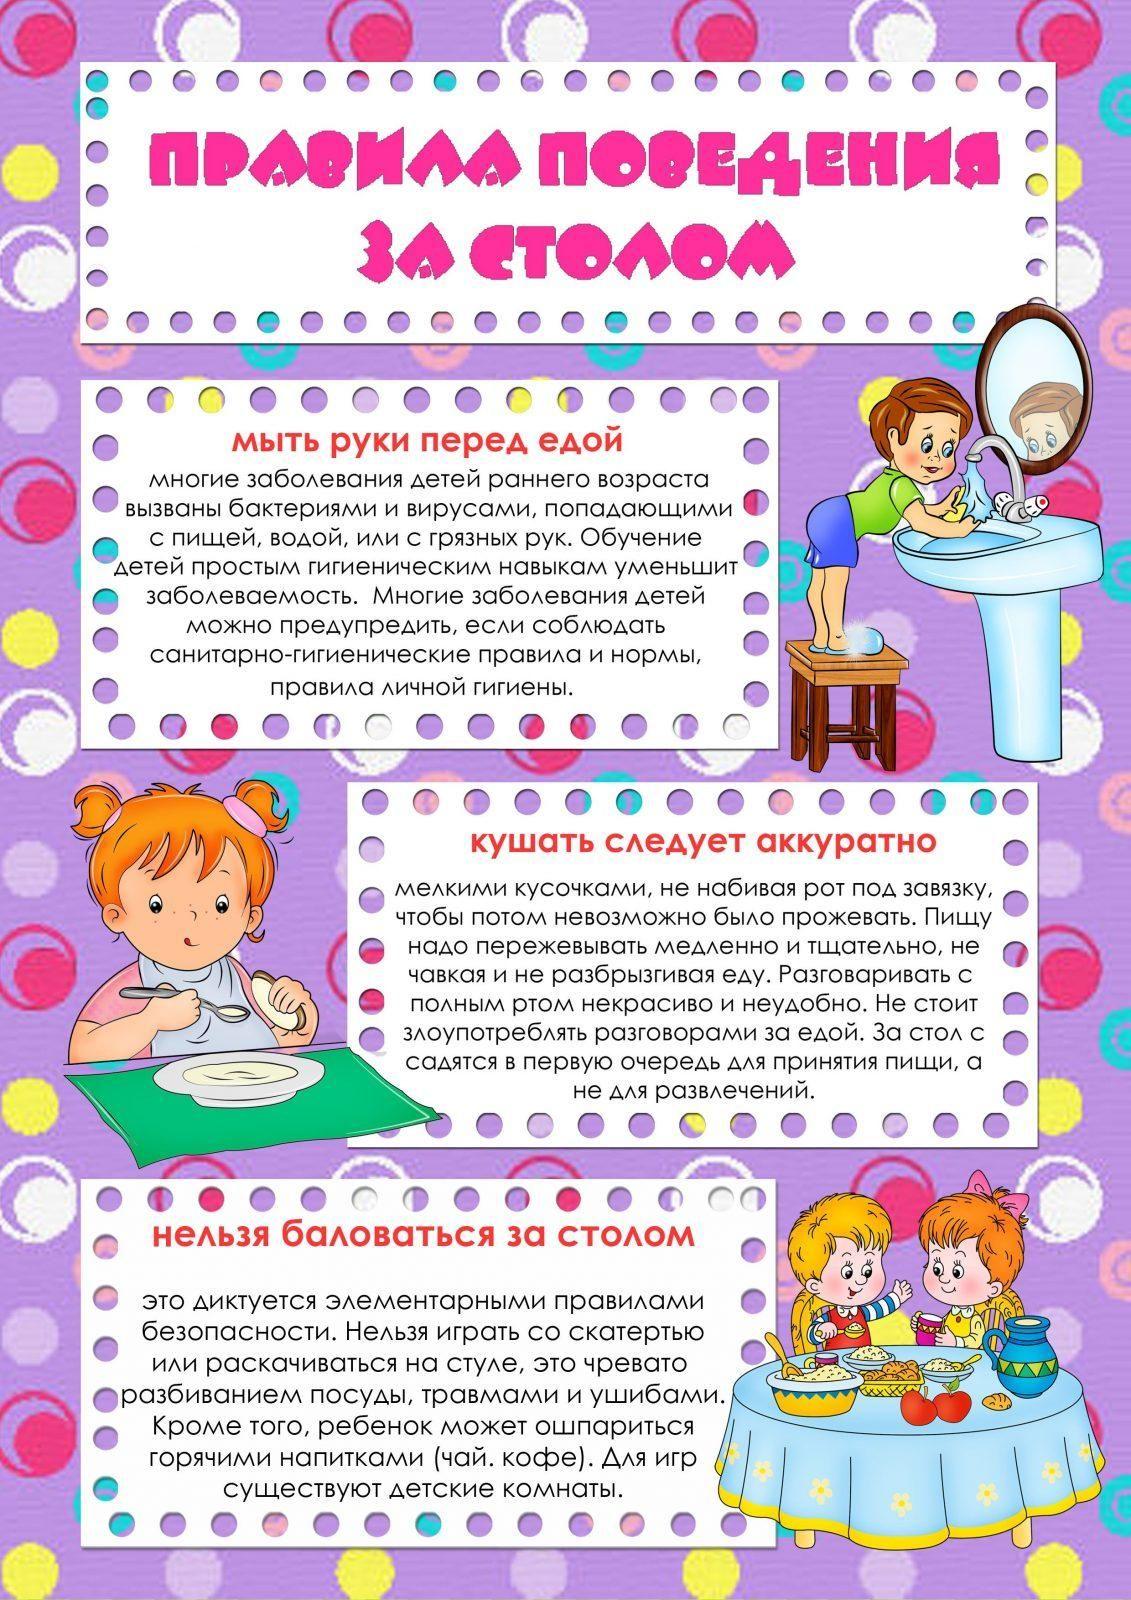 Правила поведения за столом в картинках для детей (36 ФОТО ...